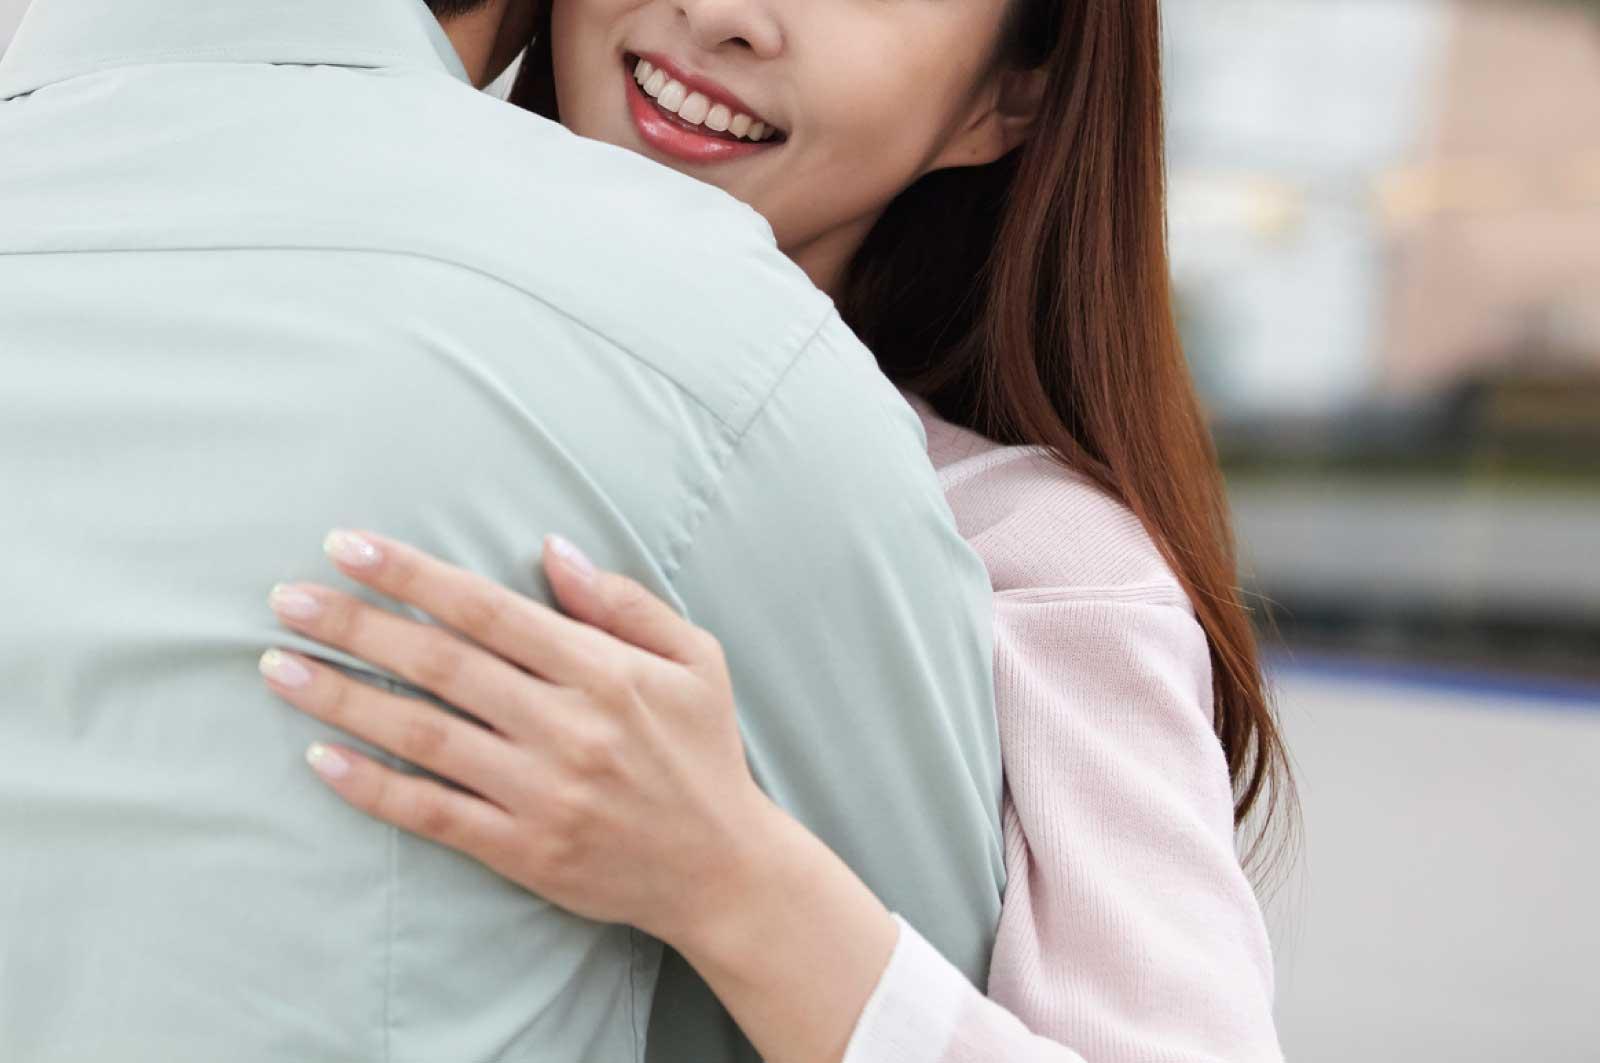 名古屋駅のホームで女性と抱き合う